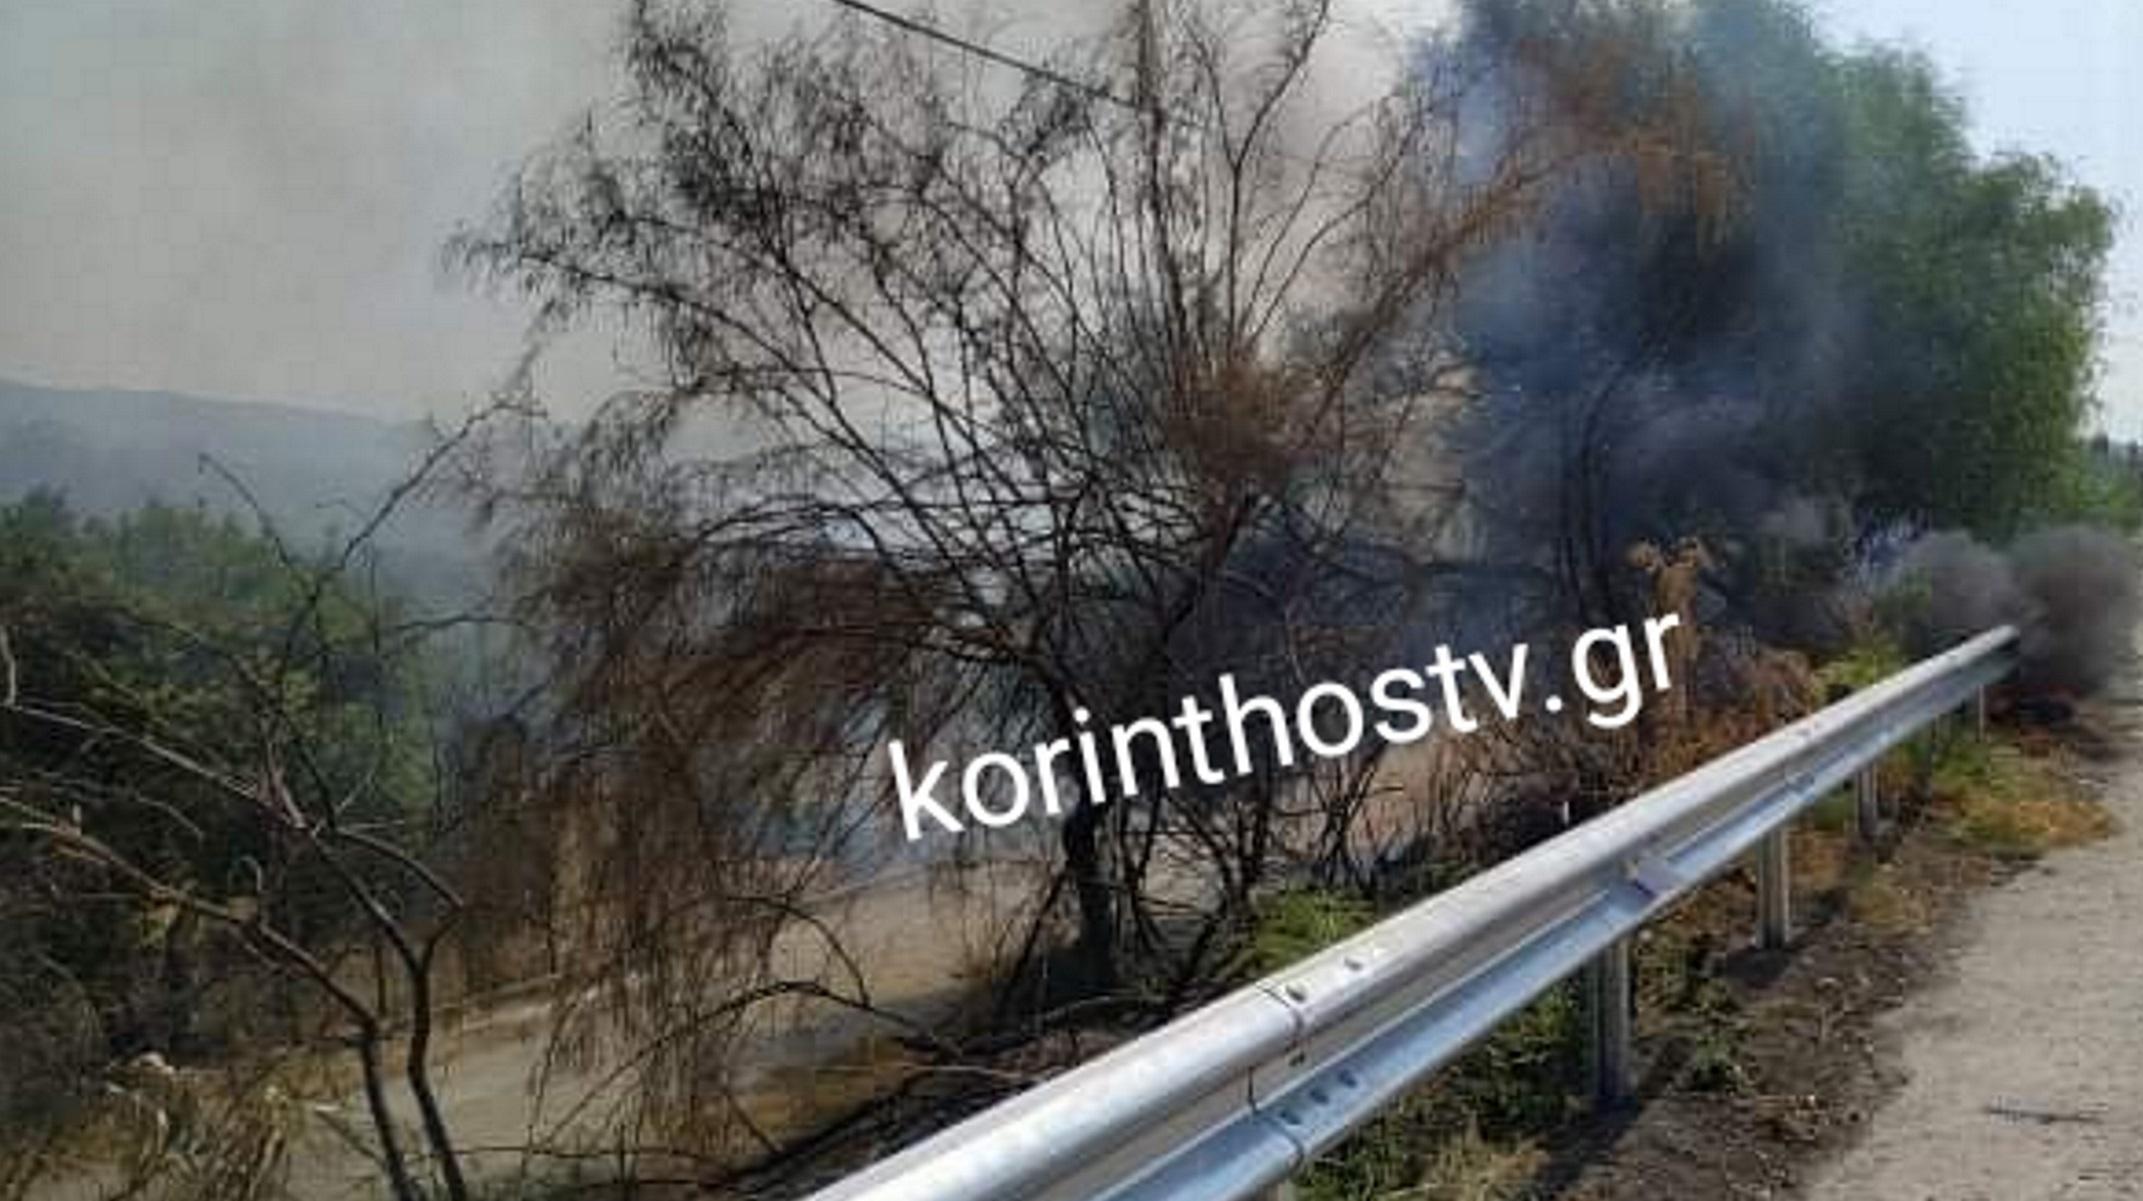 Φωτιά στην Κορινθία: Καίγονται δέντρα και ξερά χόρτα στα Αγιαννιώτικα